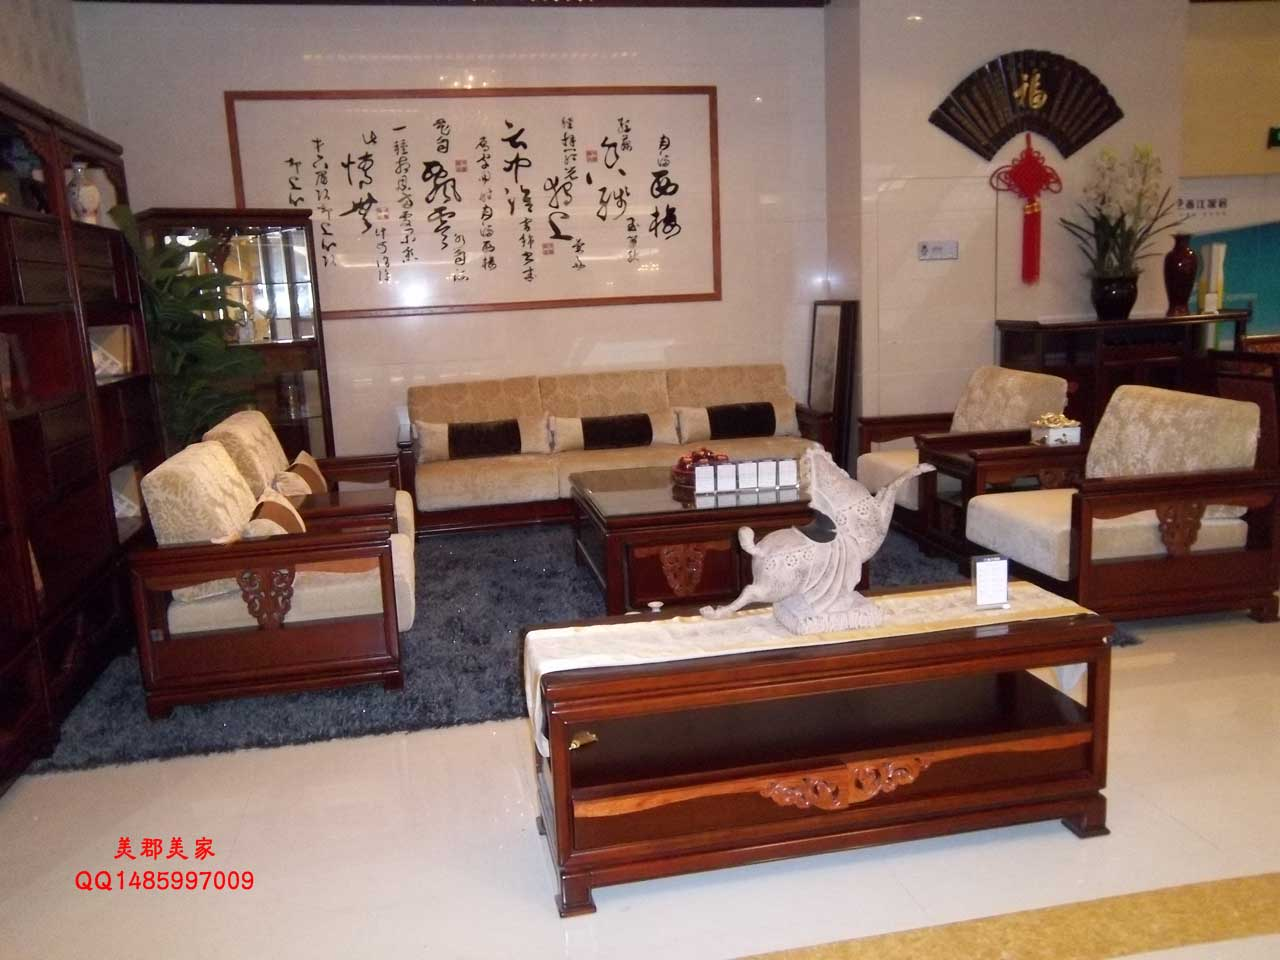 新古典中式实木家具 中式现代 中国概念619沙发9件组合